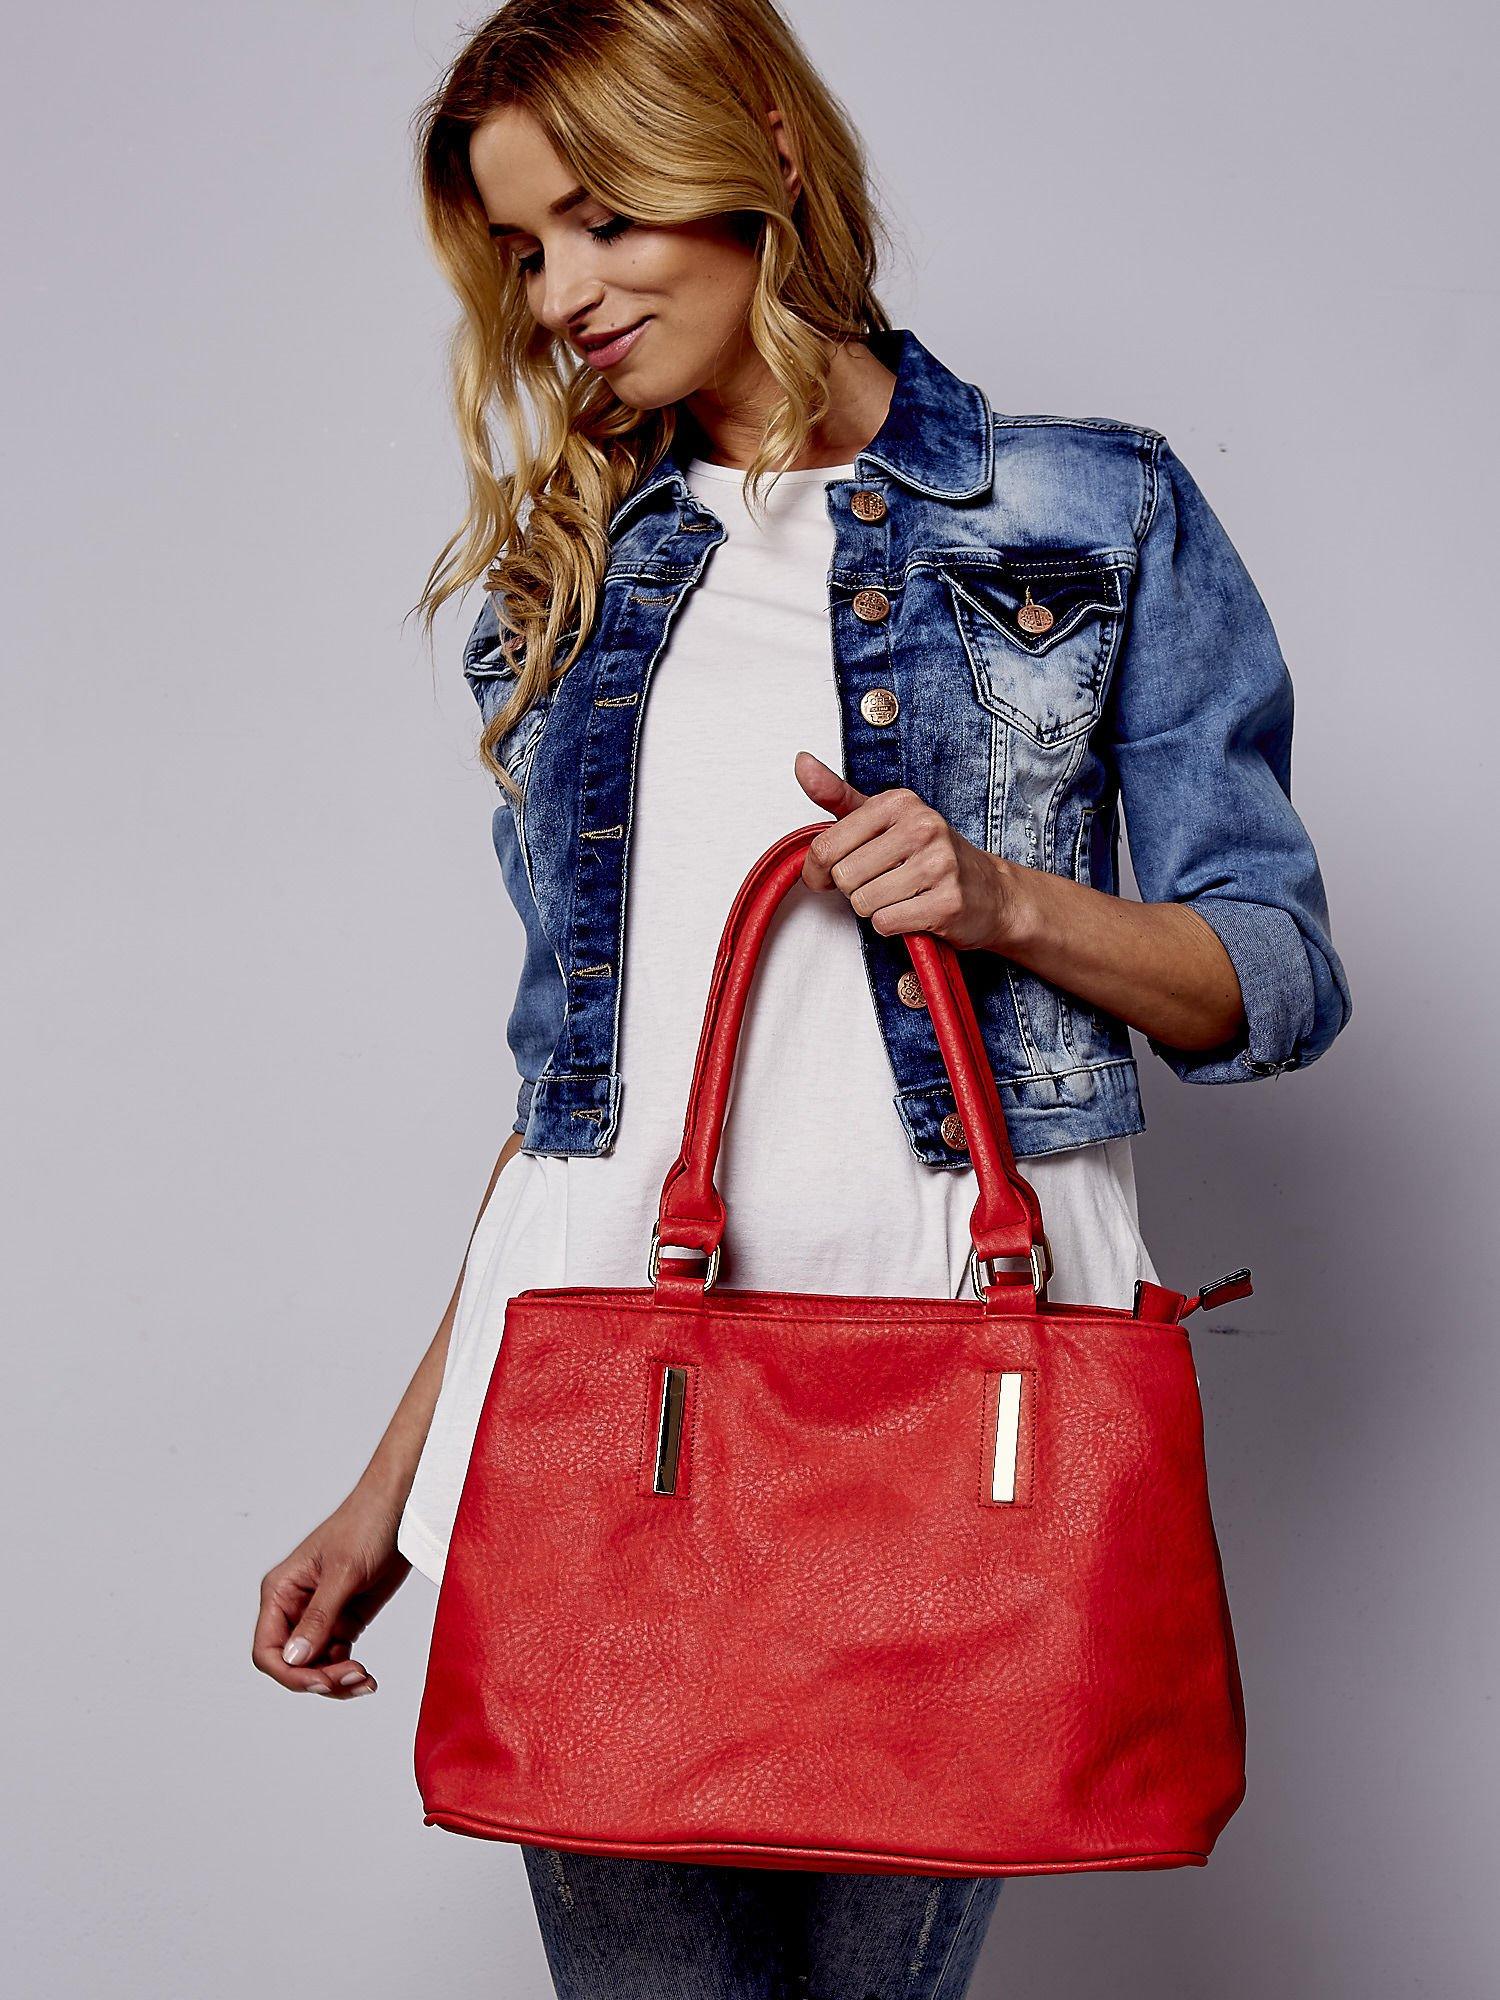 Czarwona torba miejska na ramię                                  zdj.                                  1